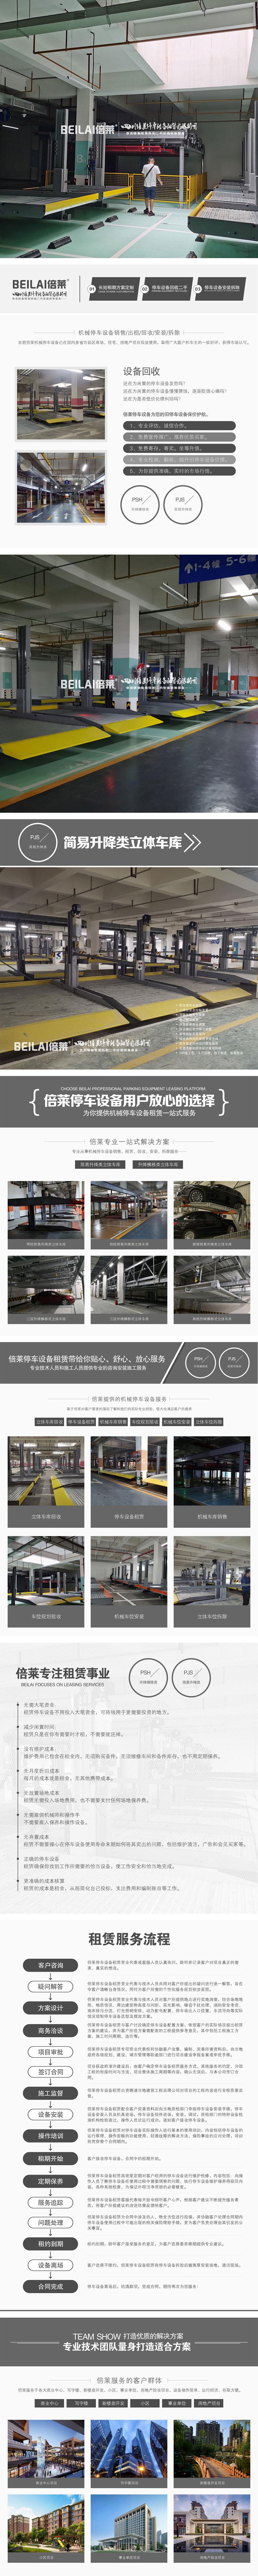 四川省南部停車位租賃液壓車位制造萊貝機械式停車設備回收